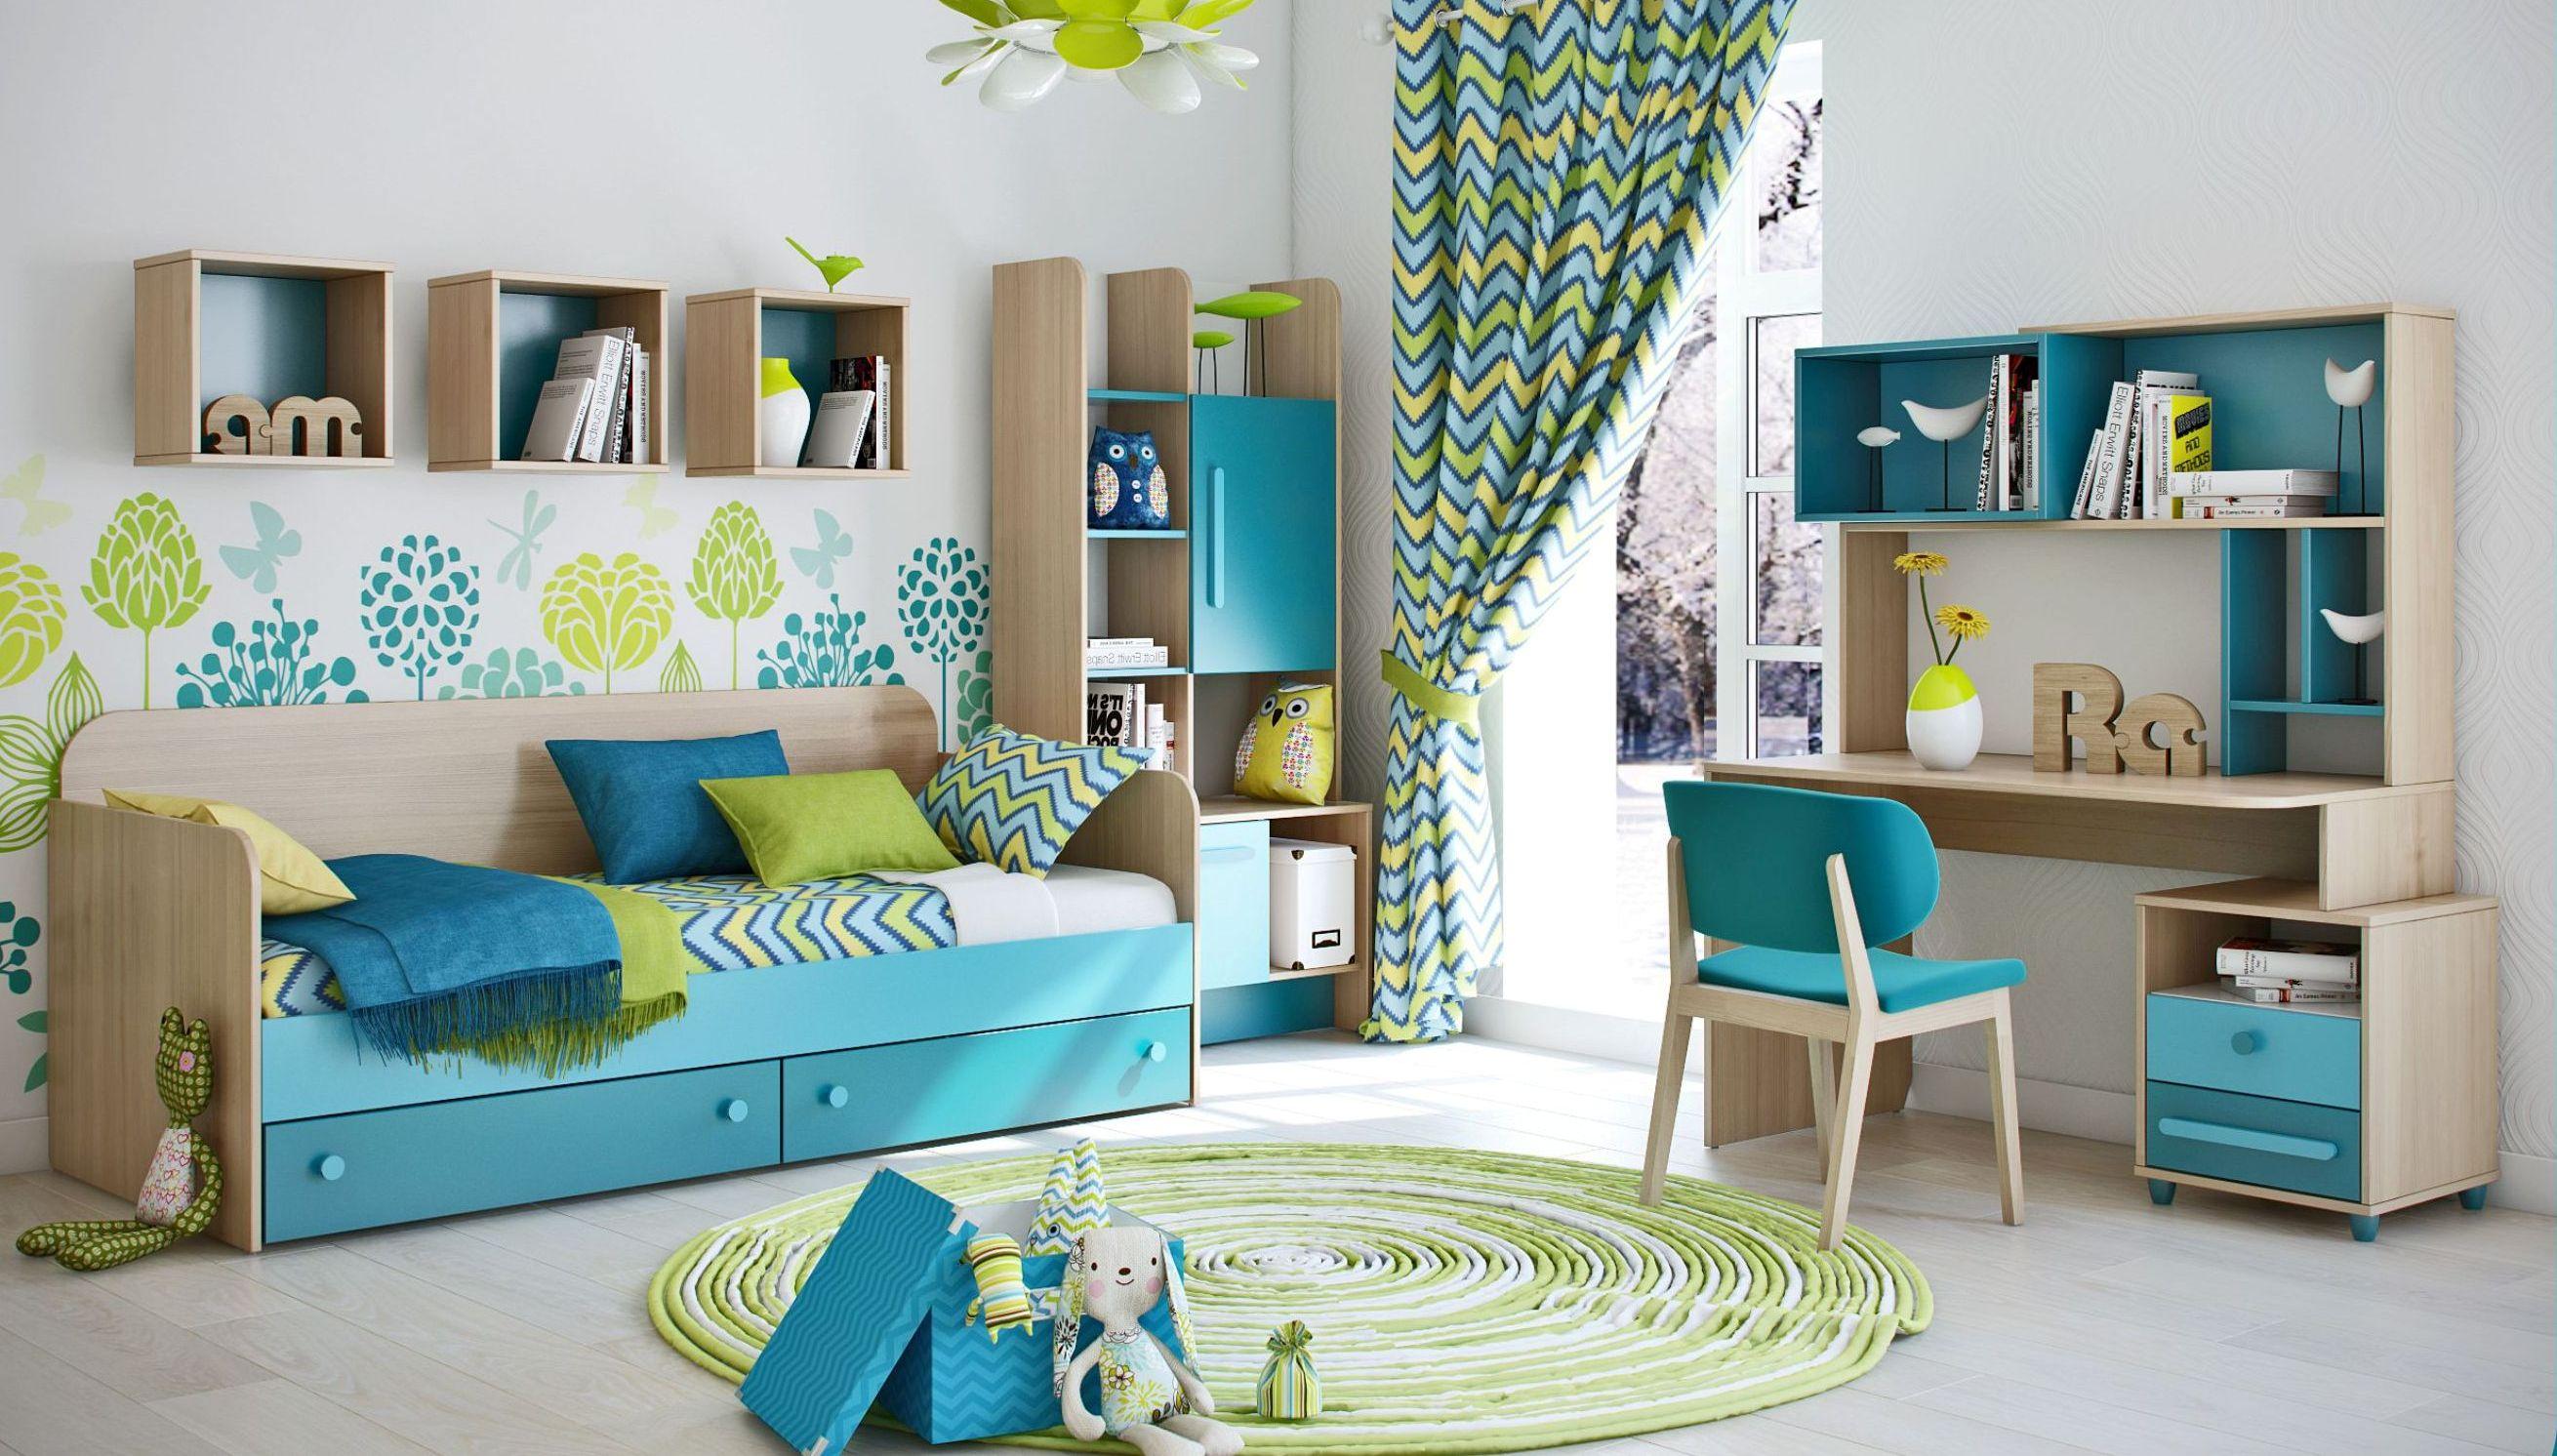 мебель в бирюзовом цвете